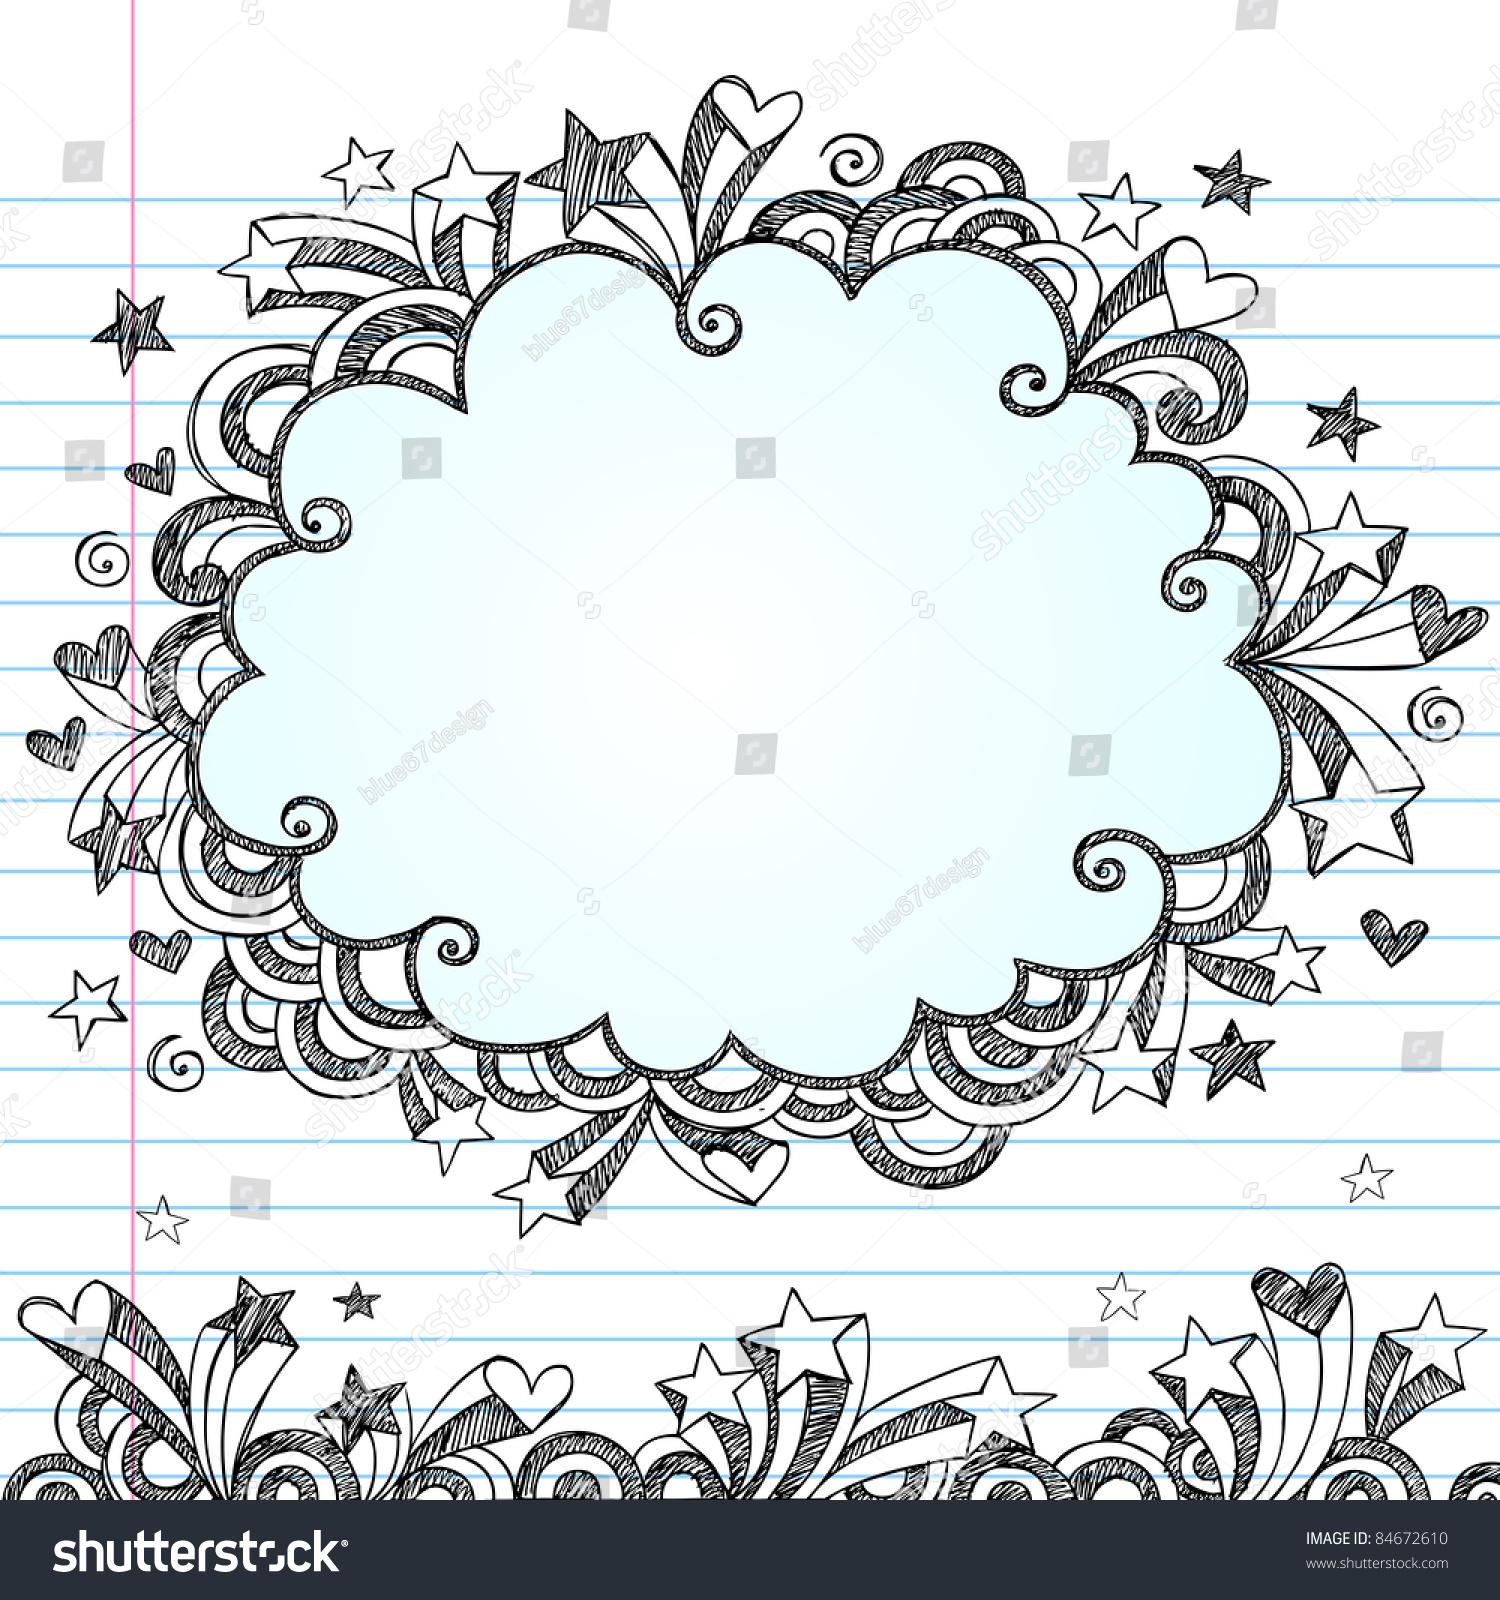 cloud frame sketchy doodle hand drawn notebook doodles design elements on lined sketchbook paper